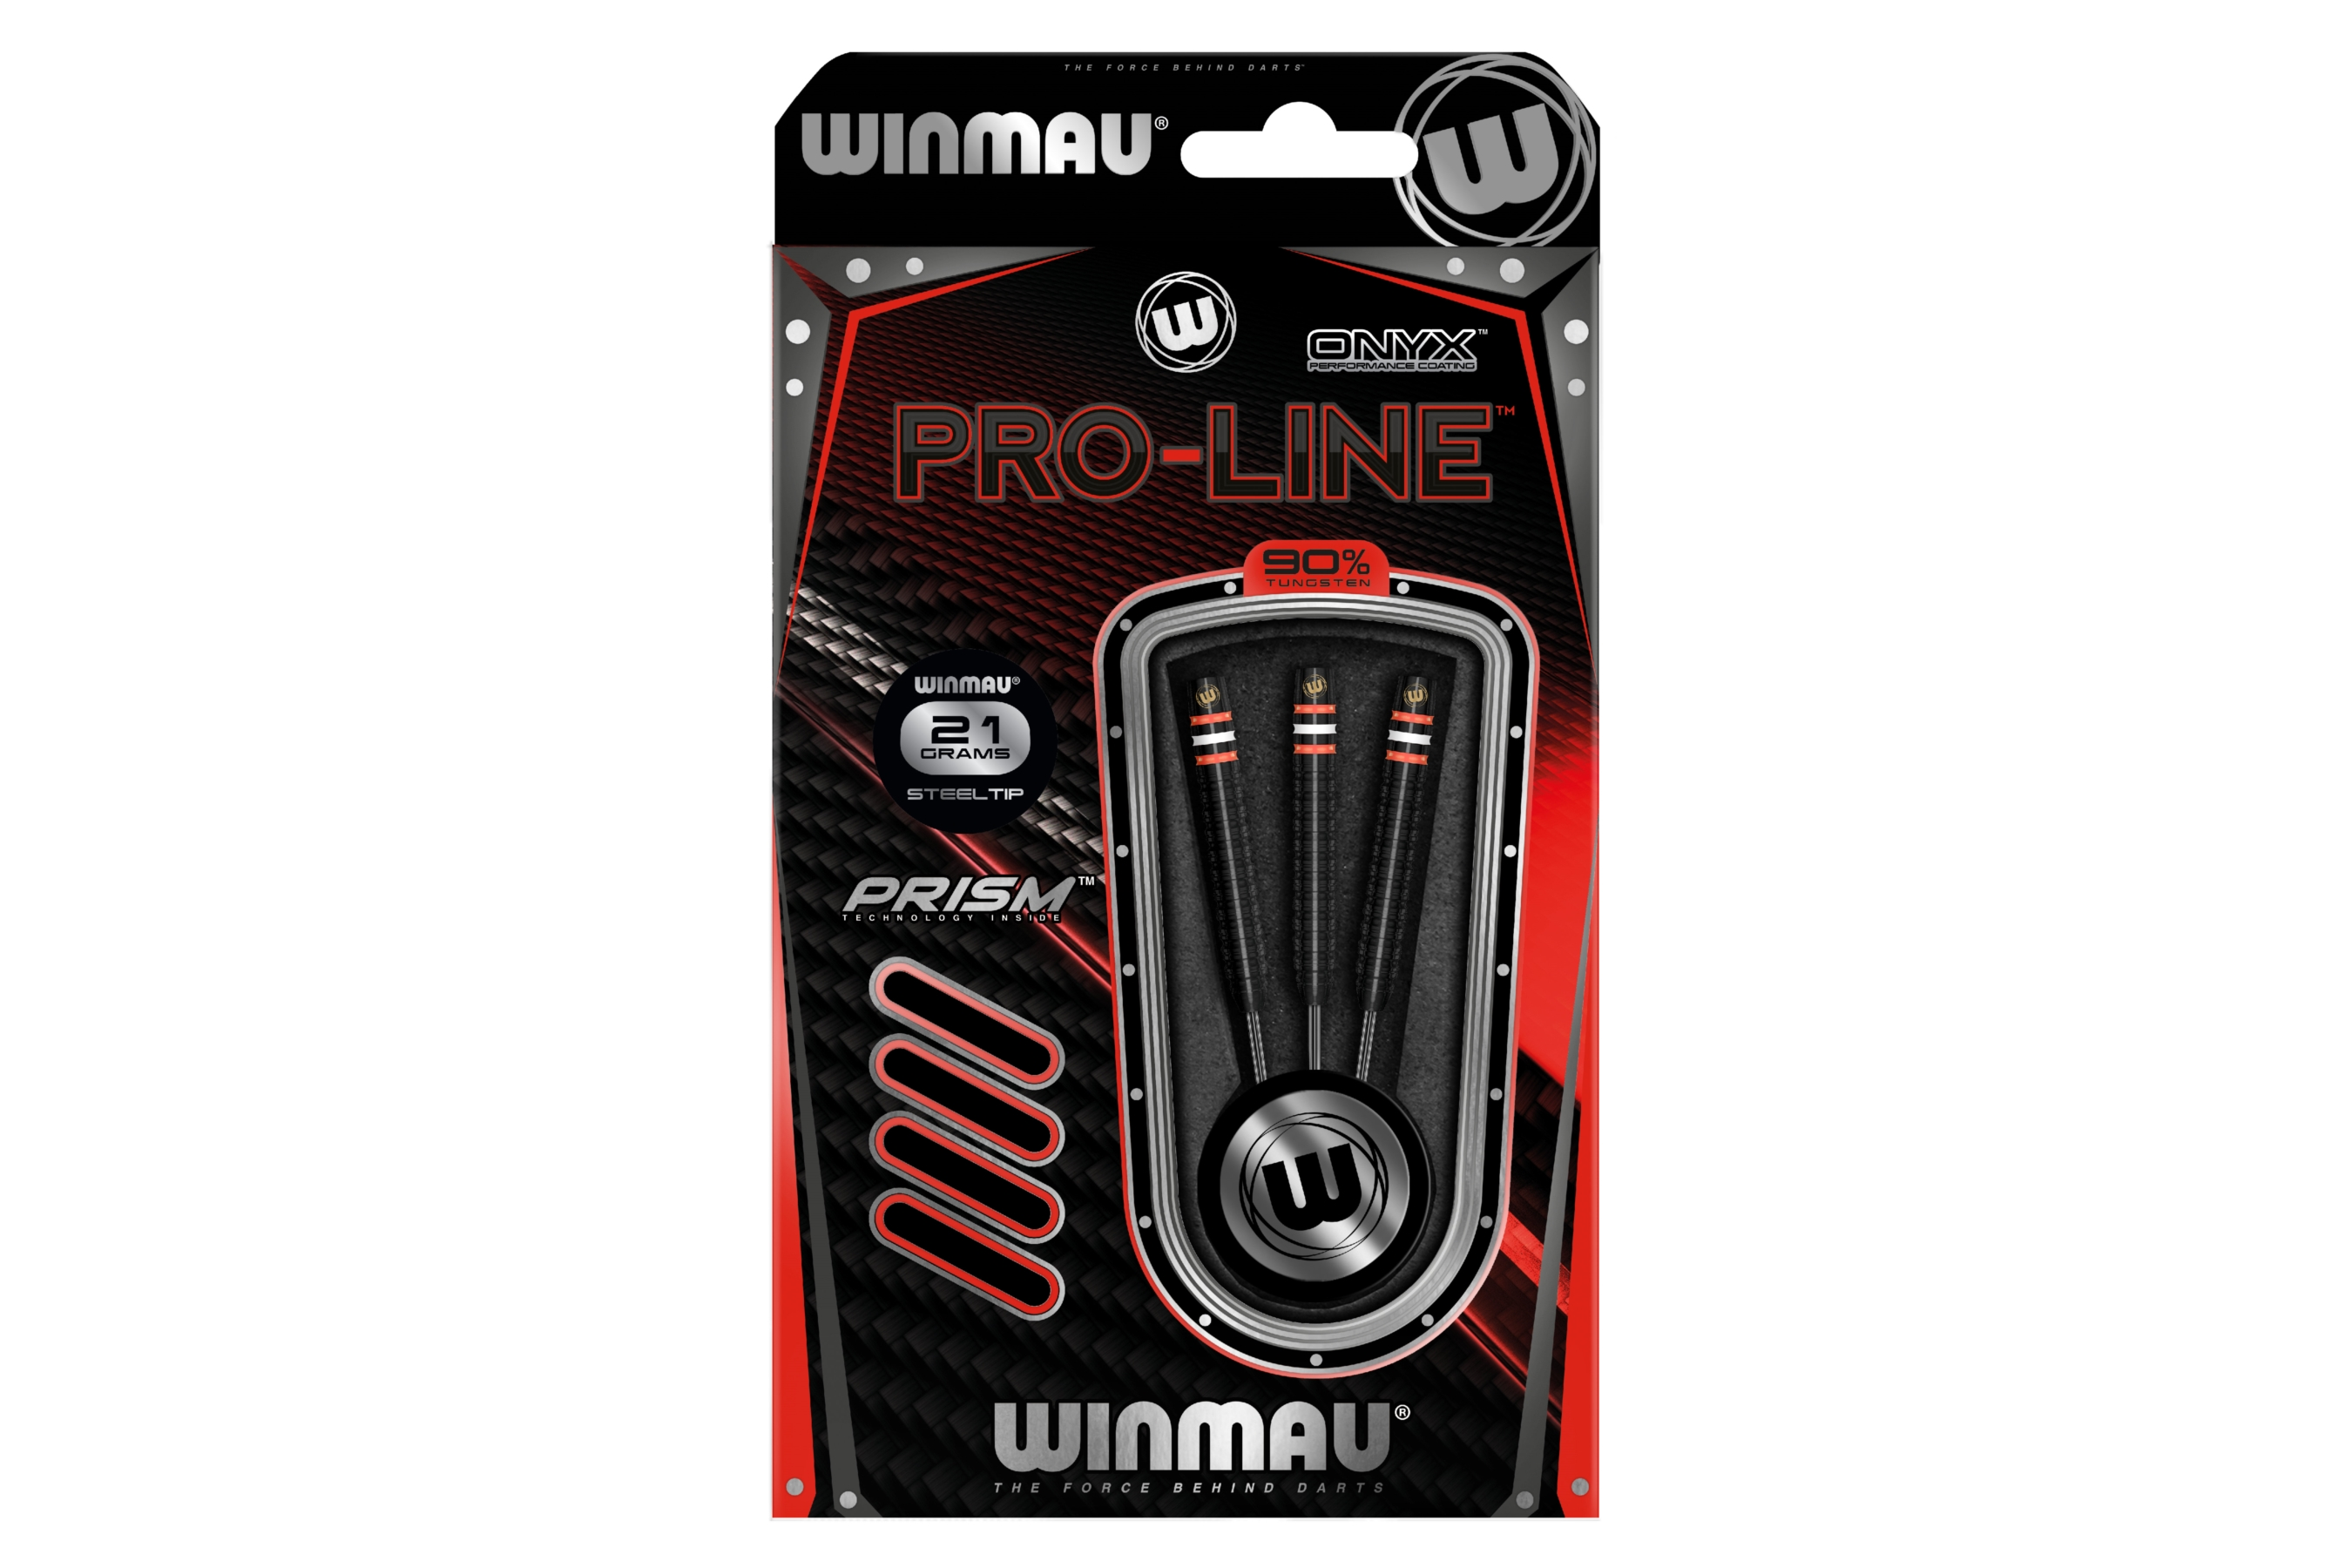 WINMAU rzutka dart PRO-LINE Onyx 90% steeltip